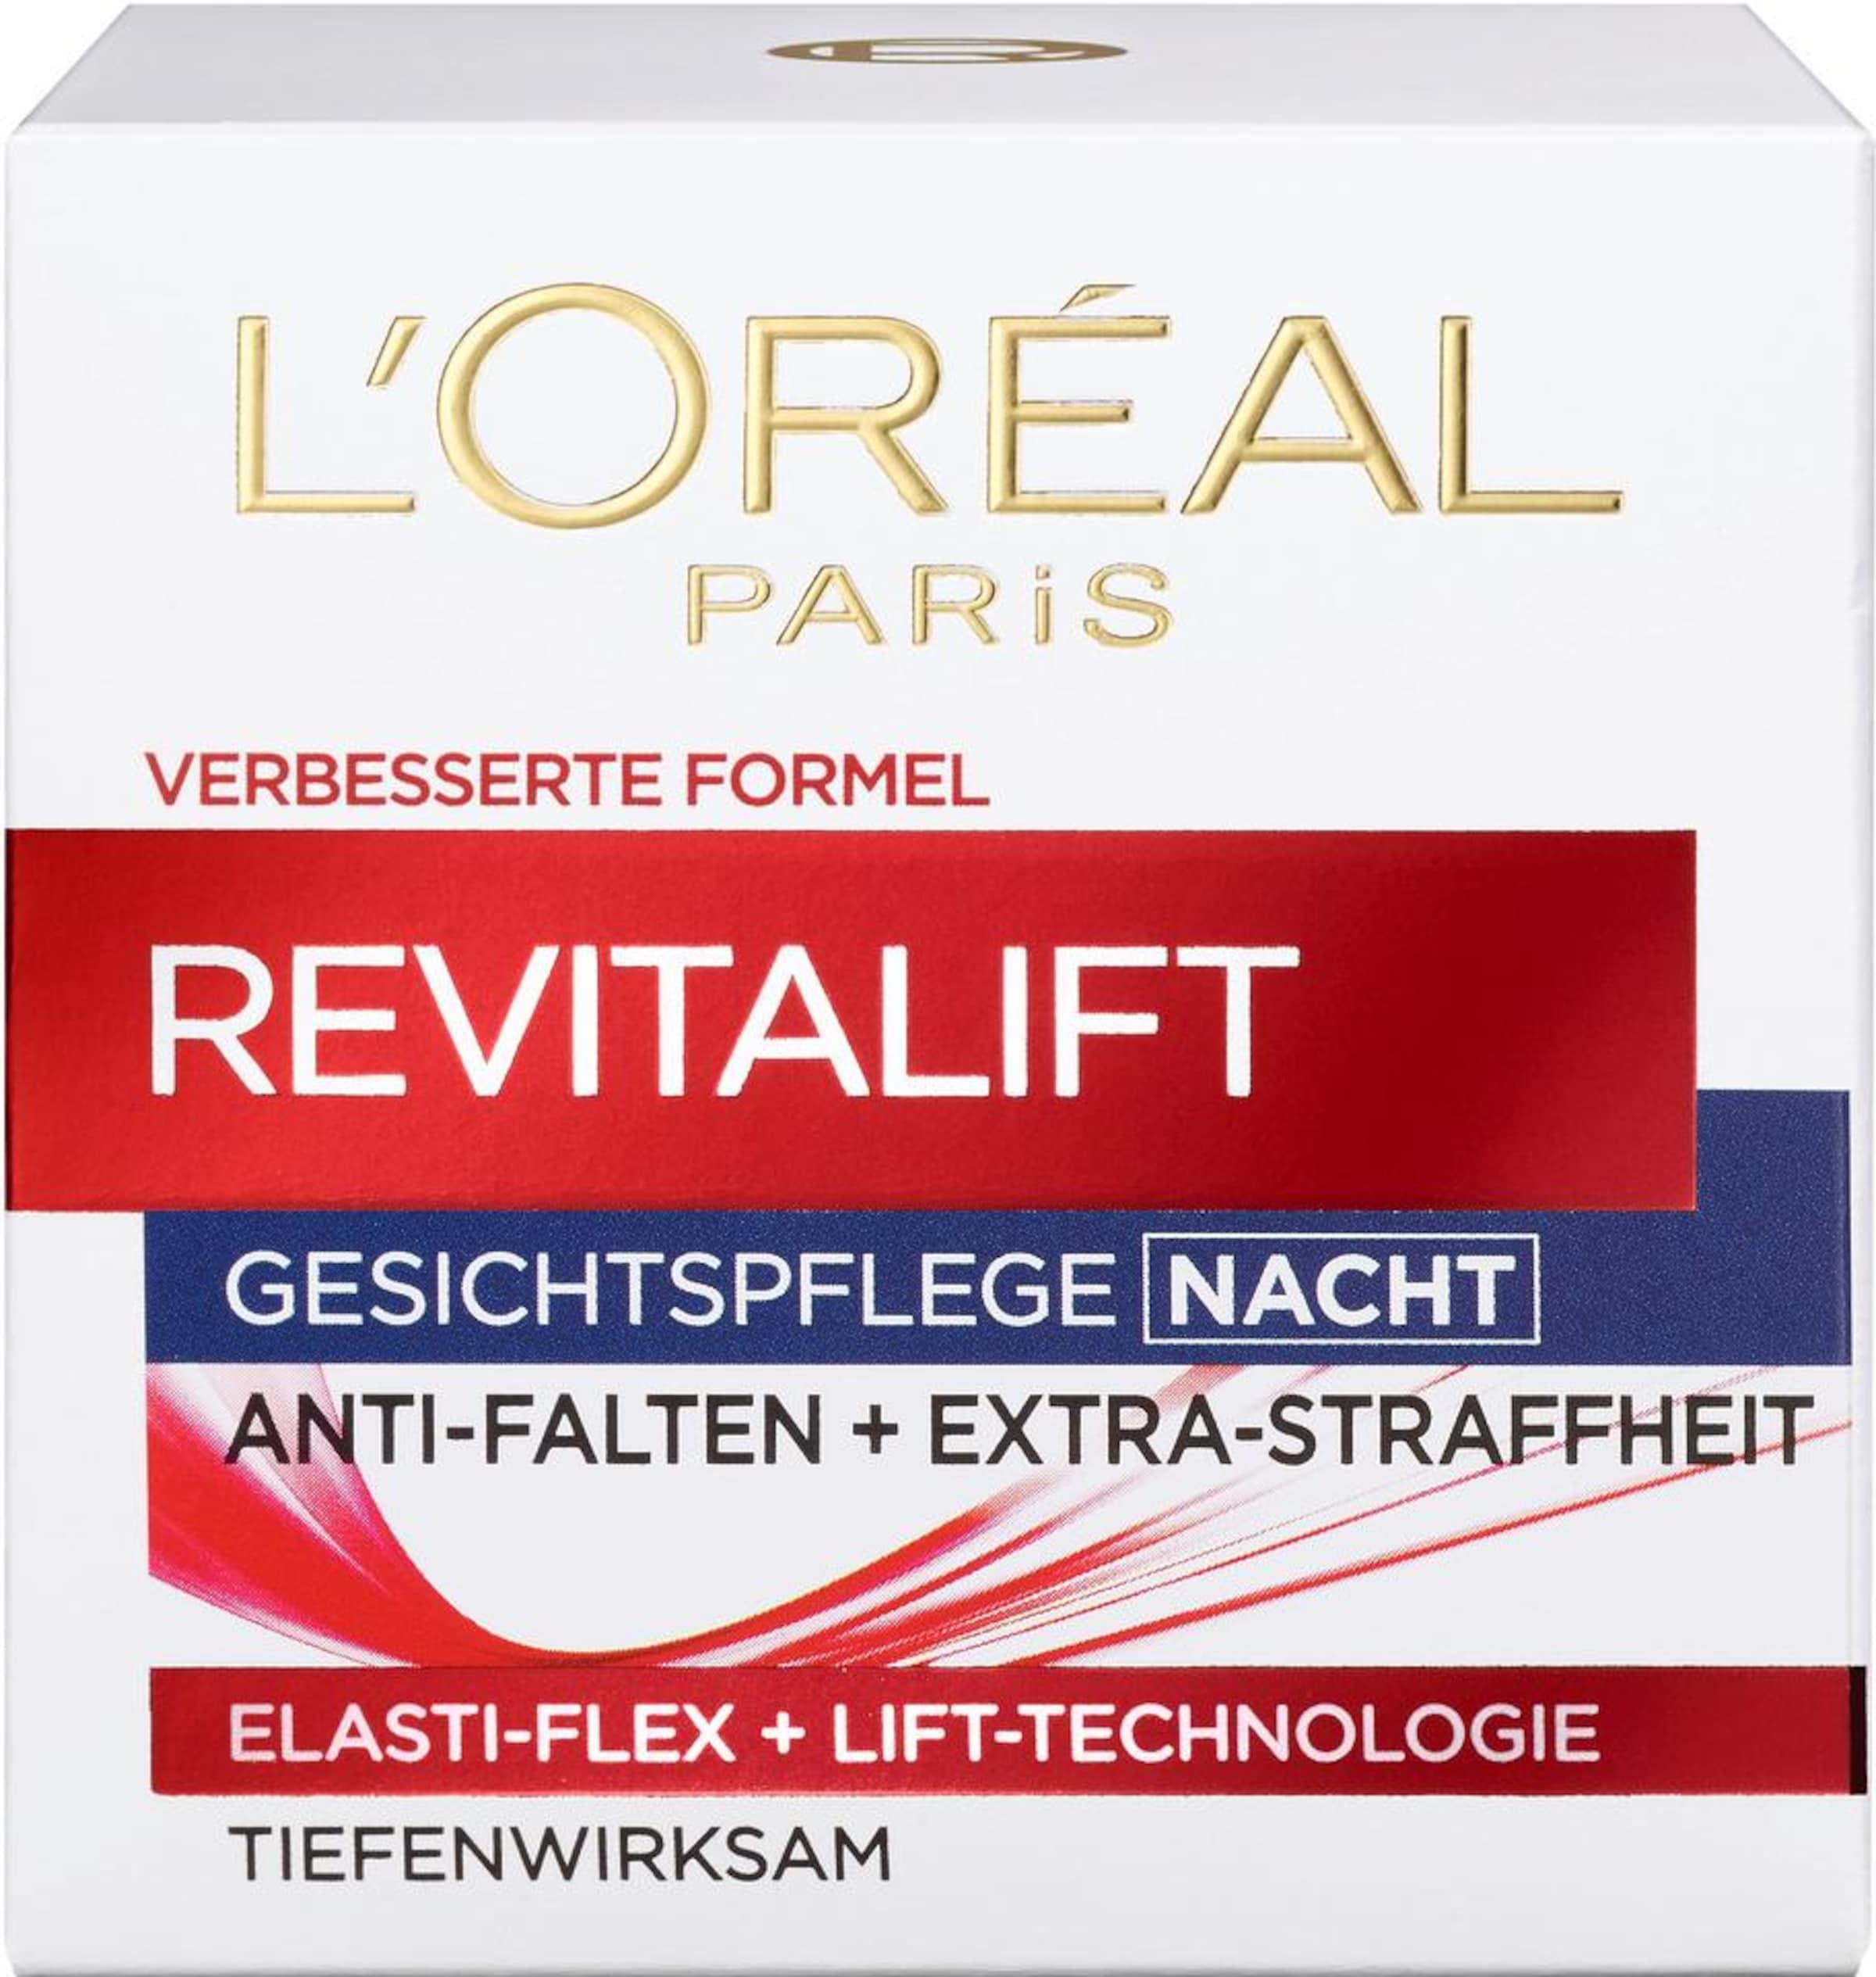 Gesichtspflege 'RevitaLift 'RevitaLift Creme Nacht' Paris Creme Paris L'Or茅al L'Or茅al Nacht' Gesichtspflege rrqxw5p0